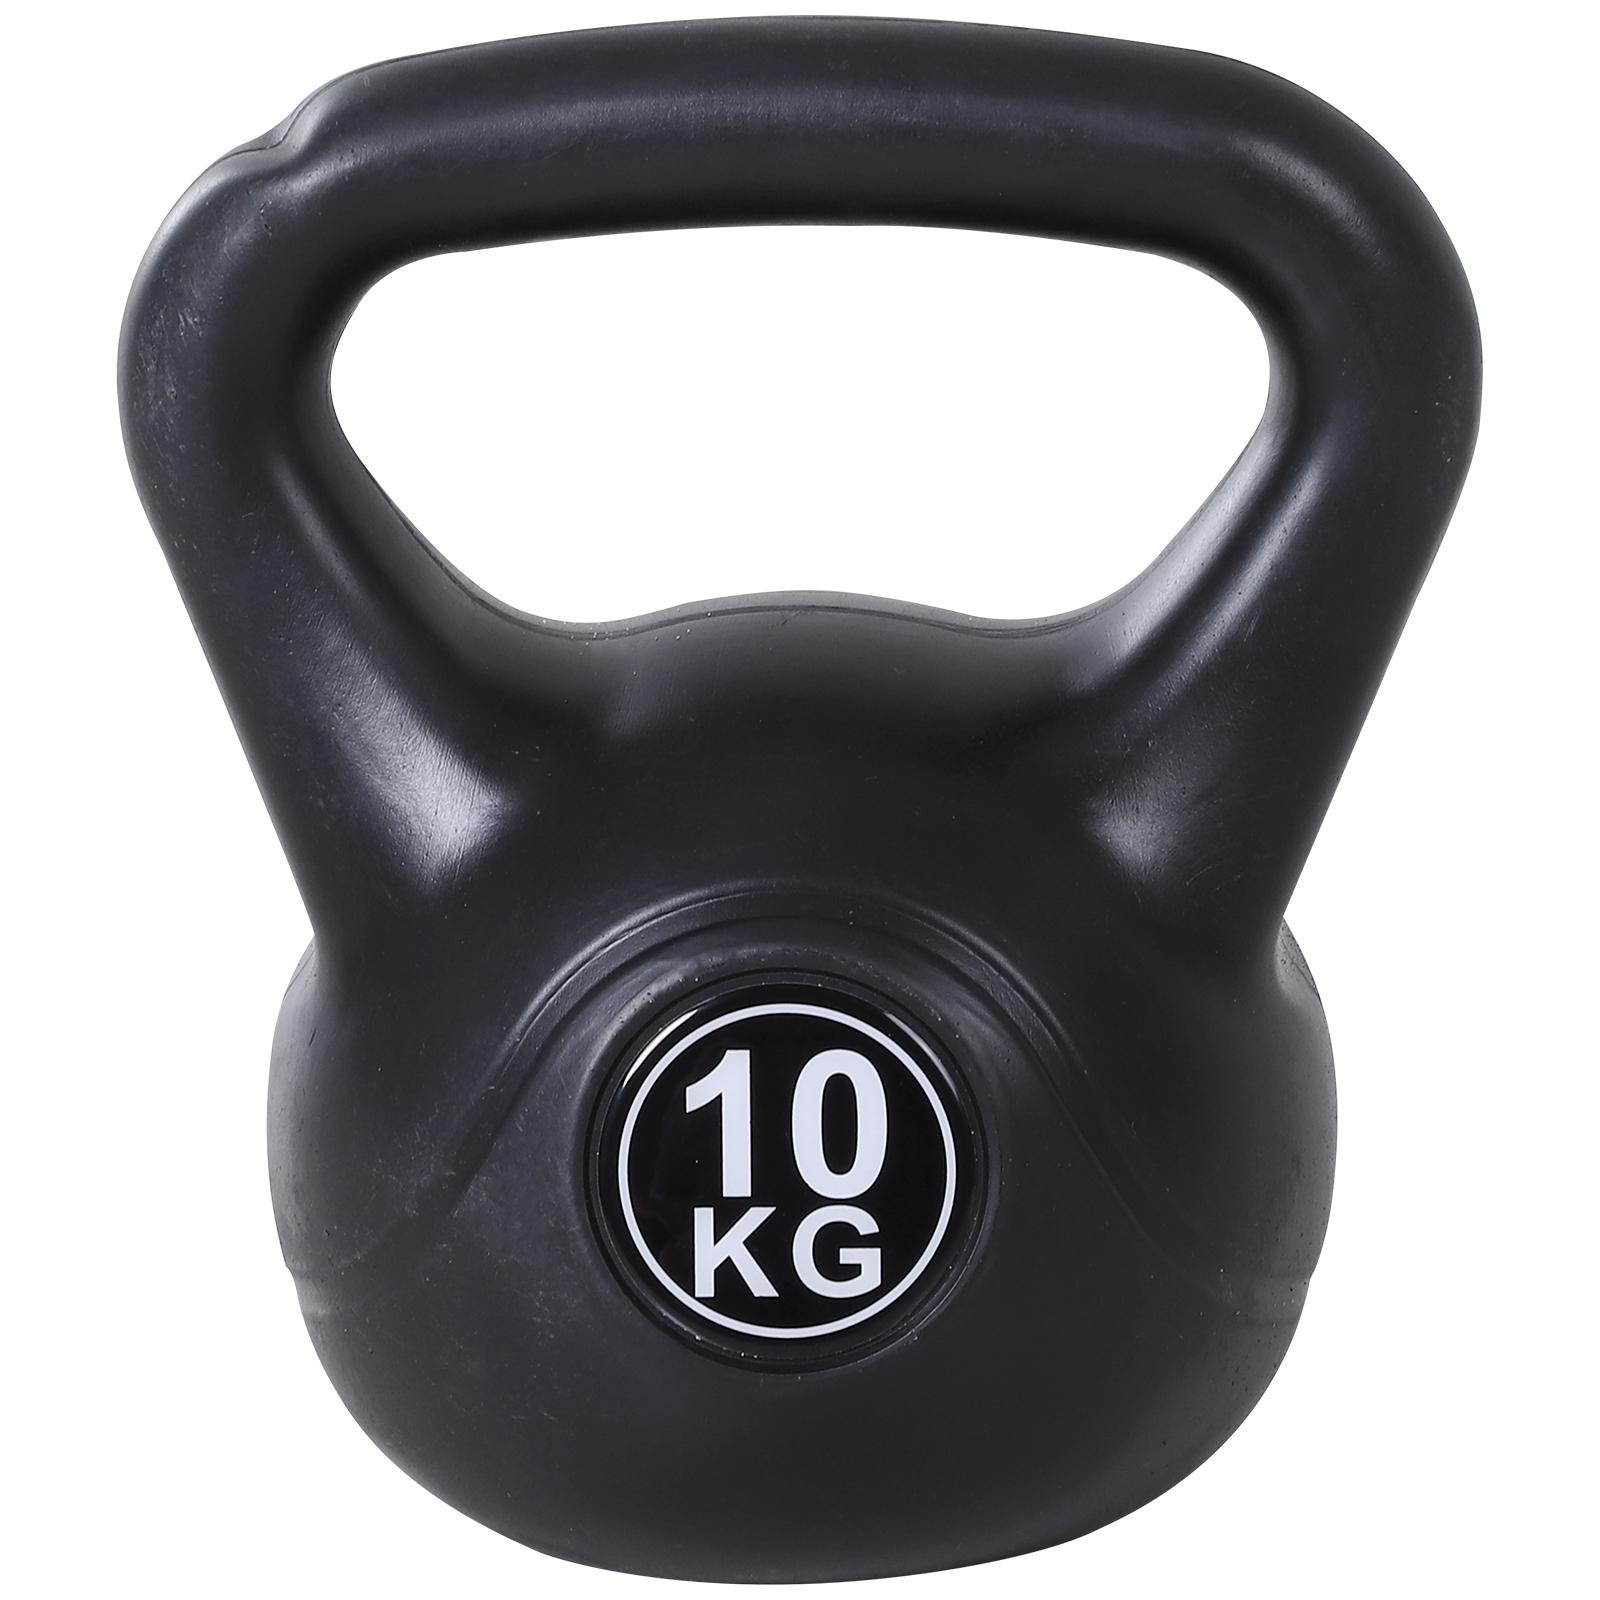 Homcom Kettlebell 10 kg pentru Antrenament Cross Training Negru imagine aosom.ro